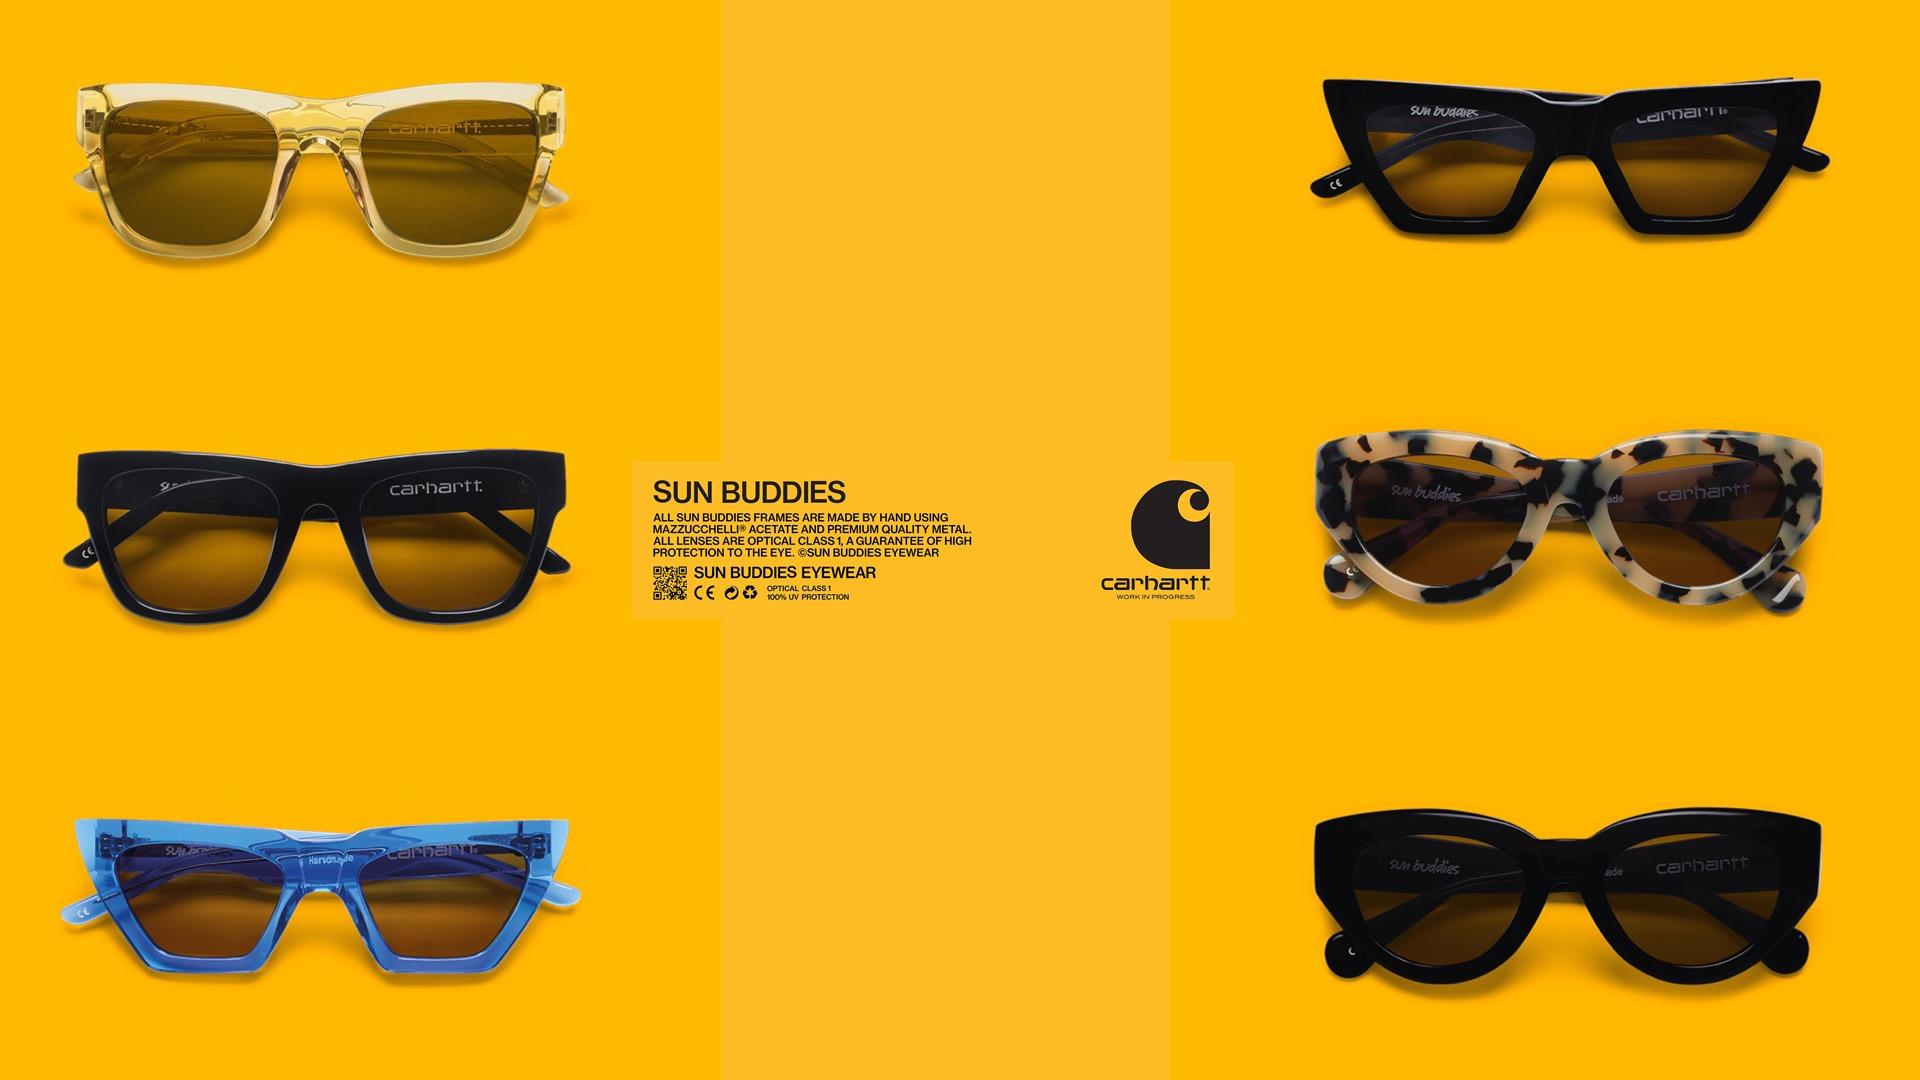 RHCPH. / Carhartt WIP Accessories - Sun Buddies